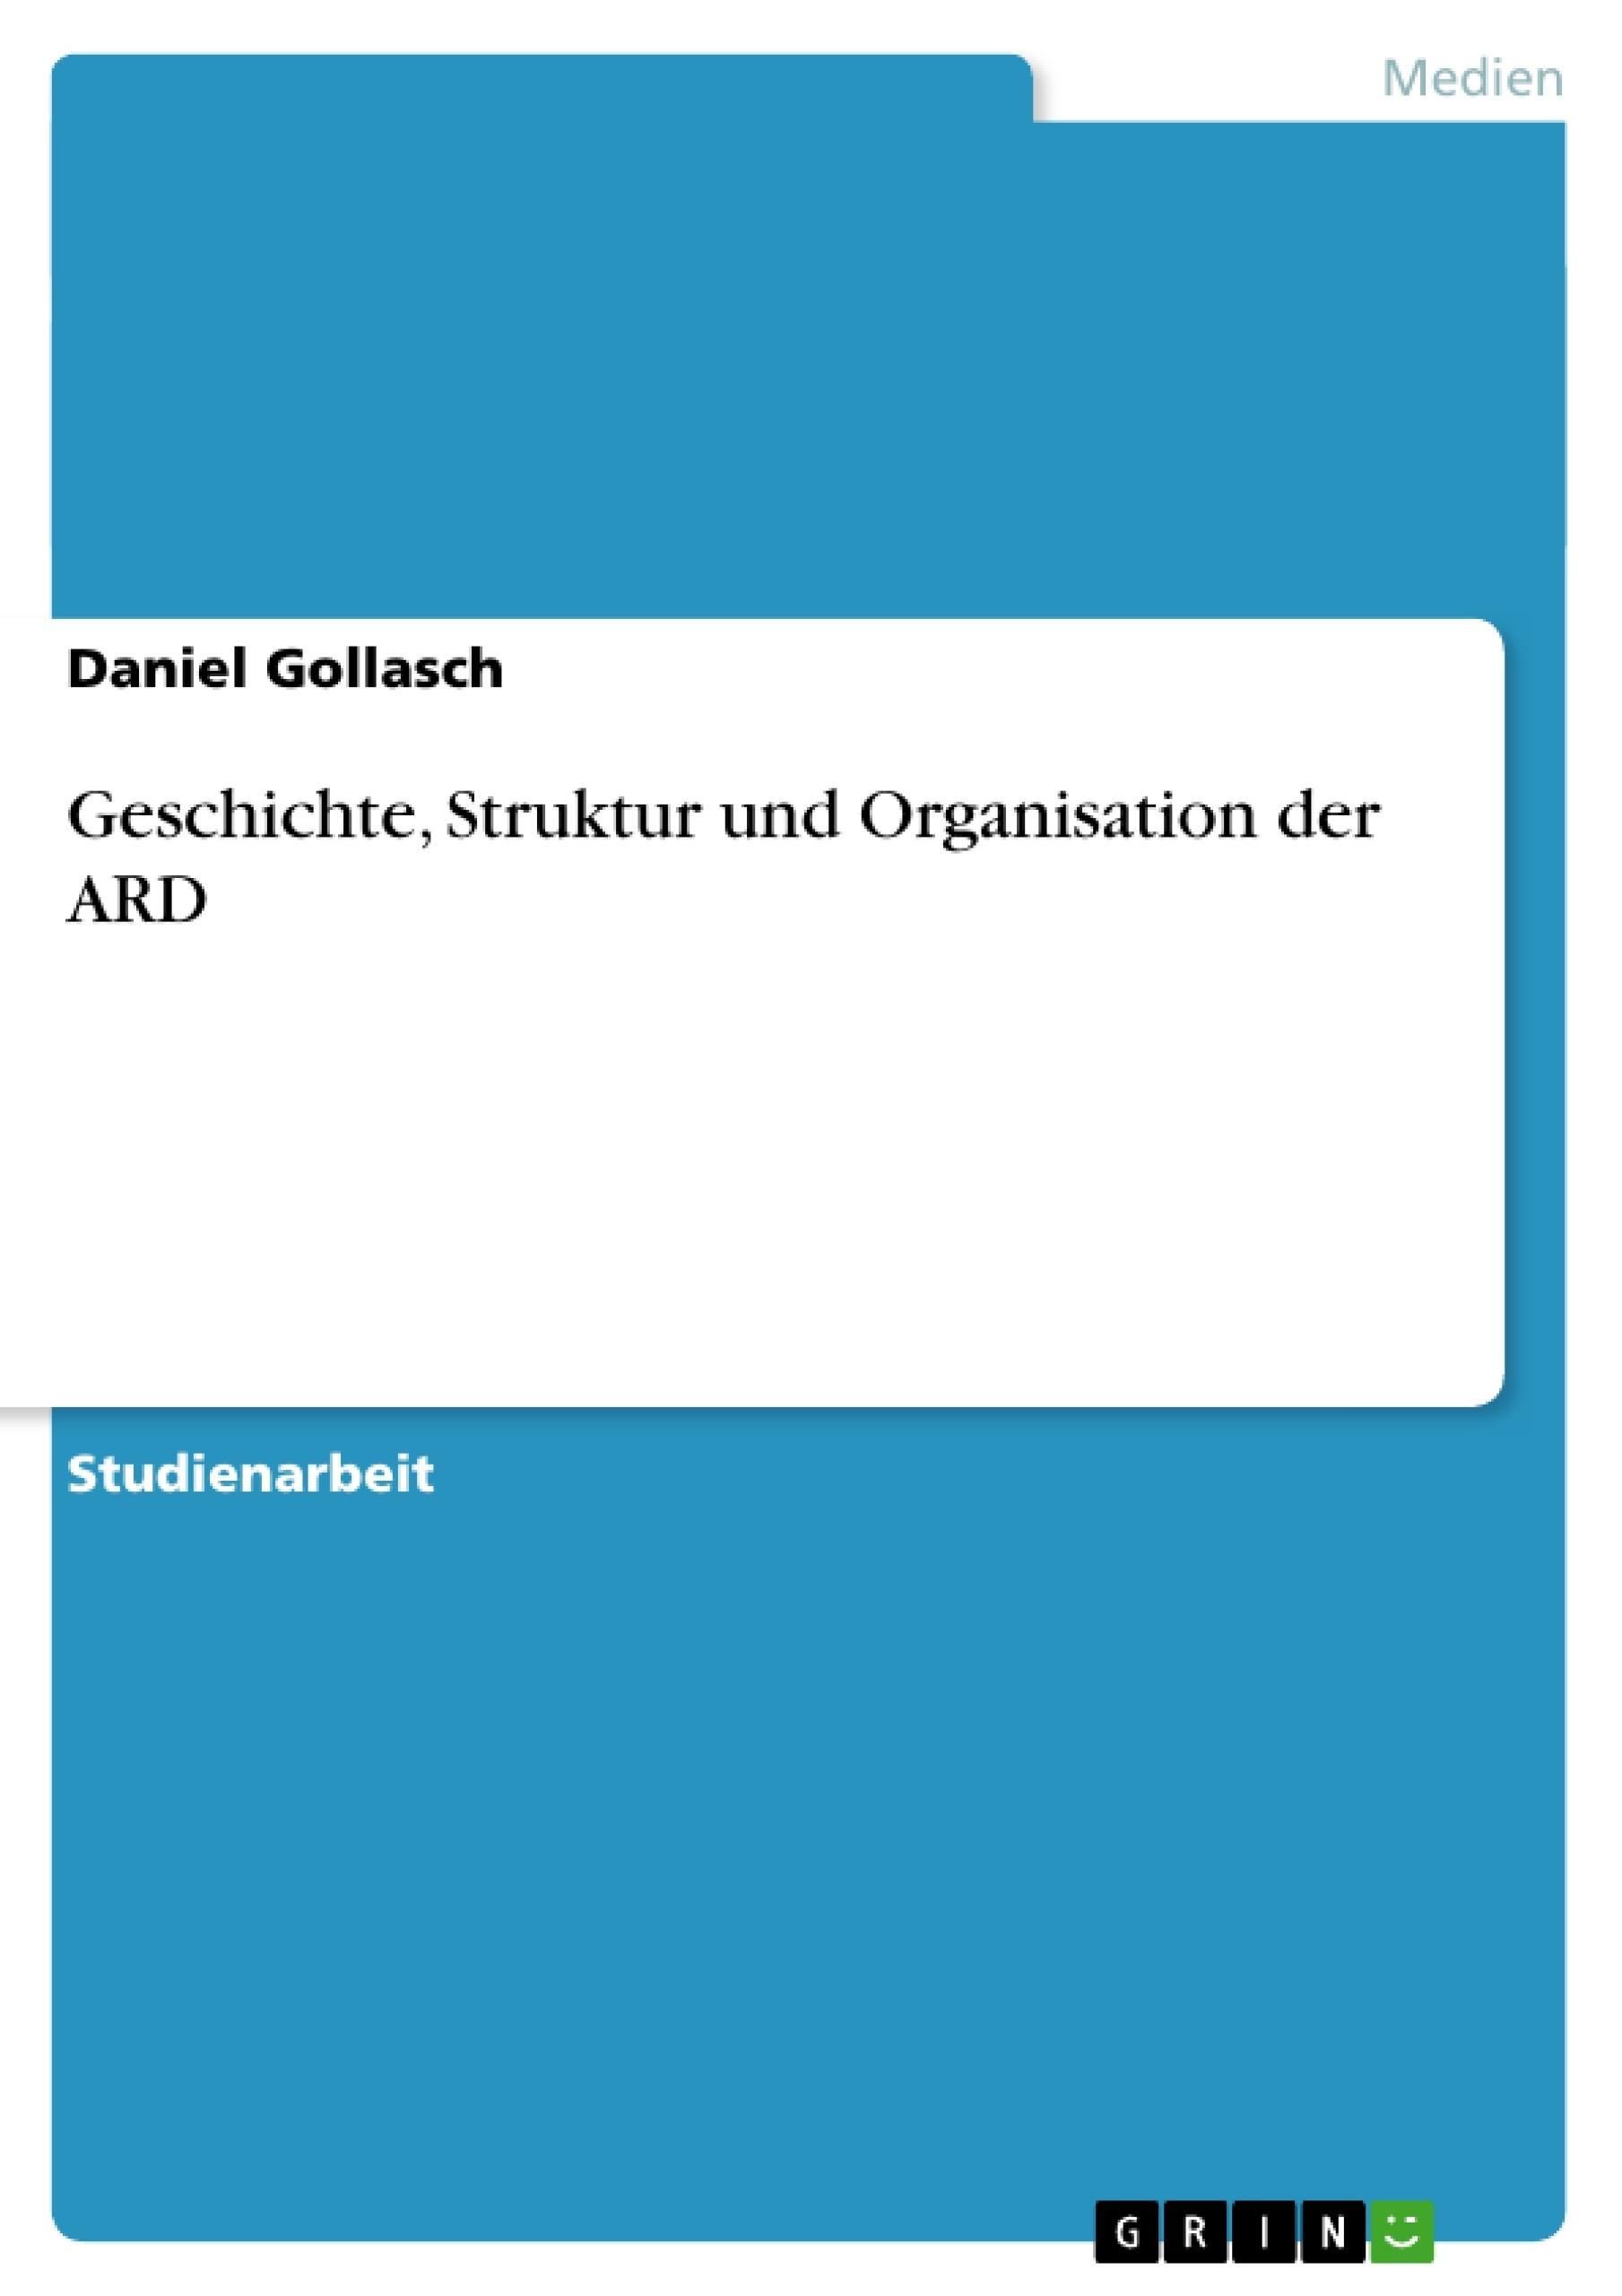 Titel: Geschichte, Struktur und Organisation der ARD